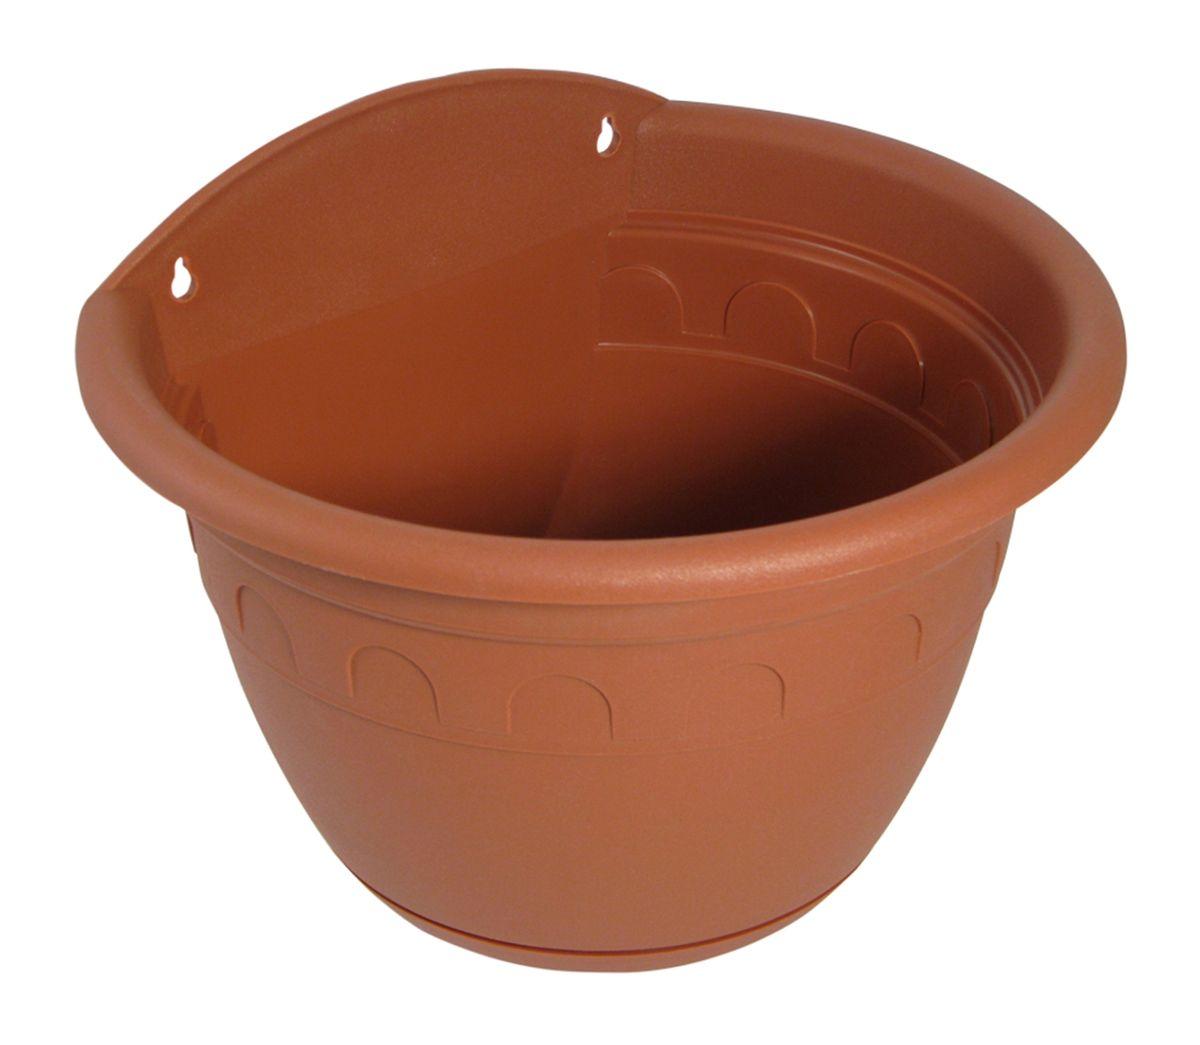 """Настенное кашпо Martika """"Колывань"""" изготовлено из высококачественного пластика и имеет два удобных отверстия для крепления.Изделие прекрасно подойдет для выращивания растений дома и на приусадебных участках. Диаметр (по верхнему краю): 20 см.Высота: 14 см."""